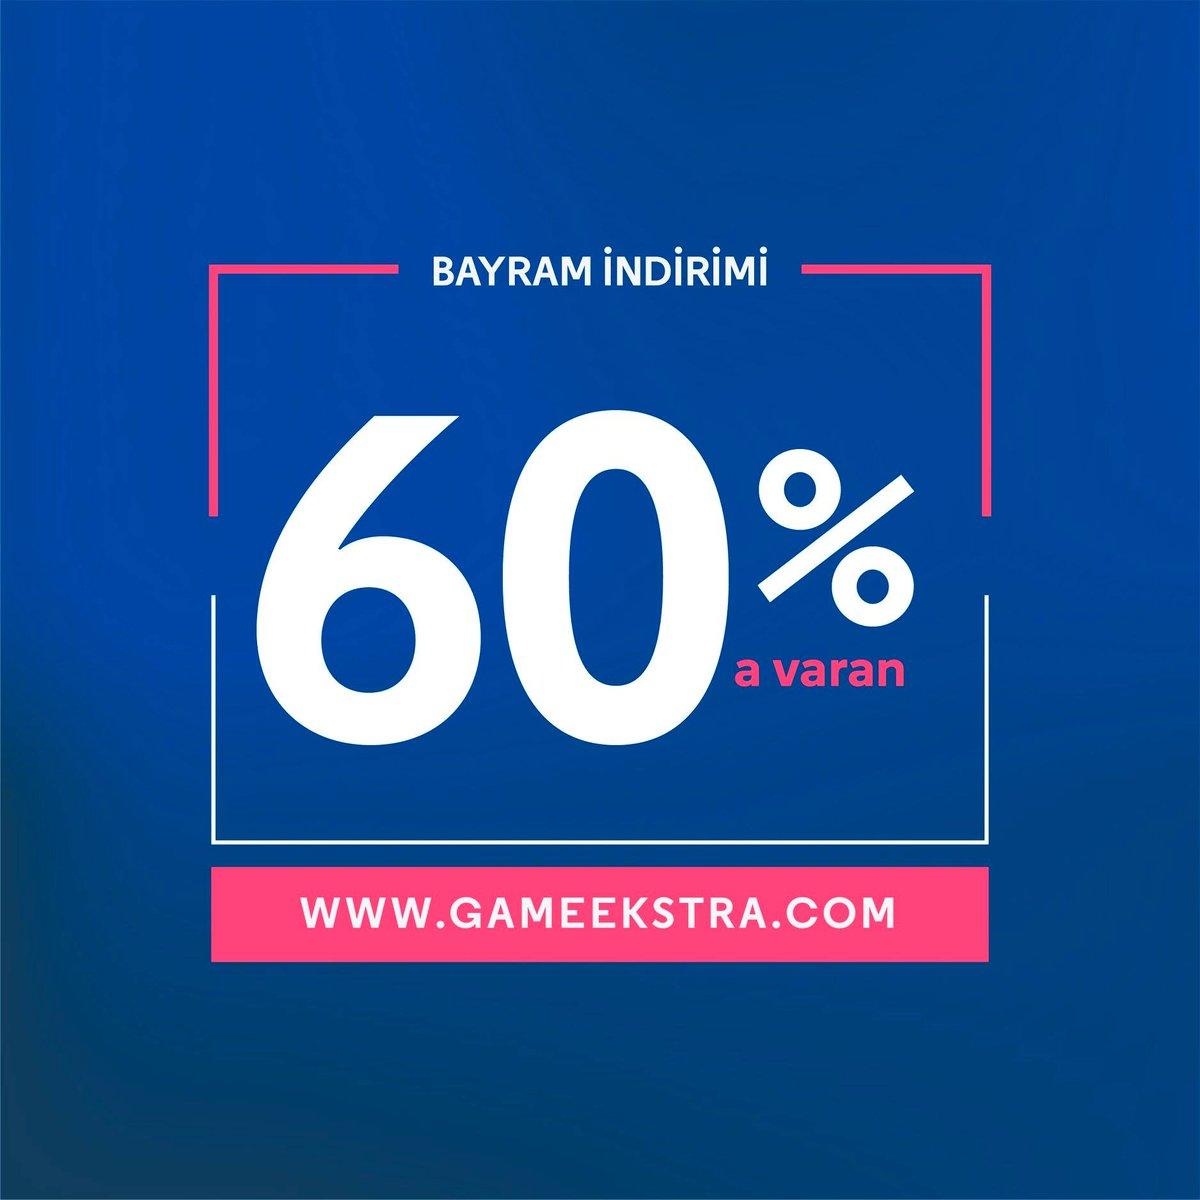 Gameekstra Gameekstra Twitter